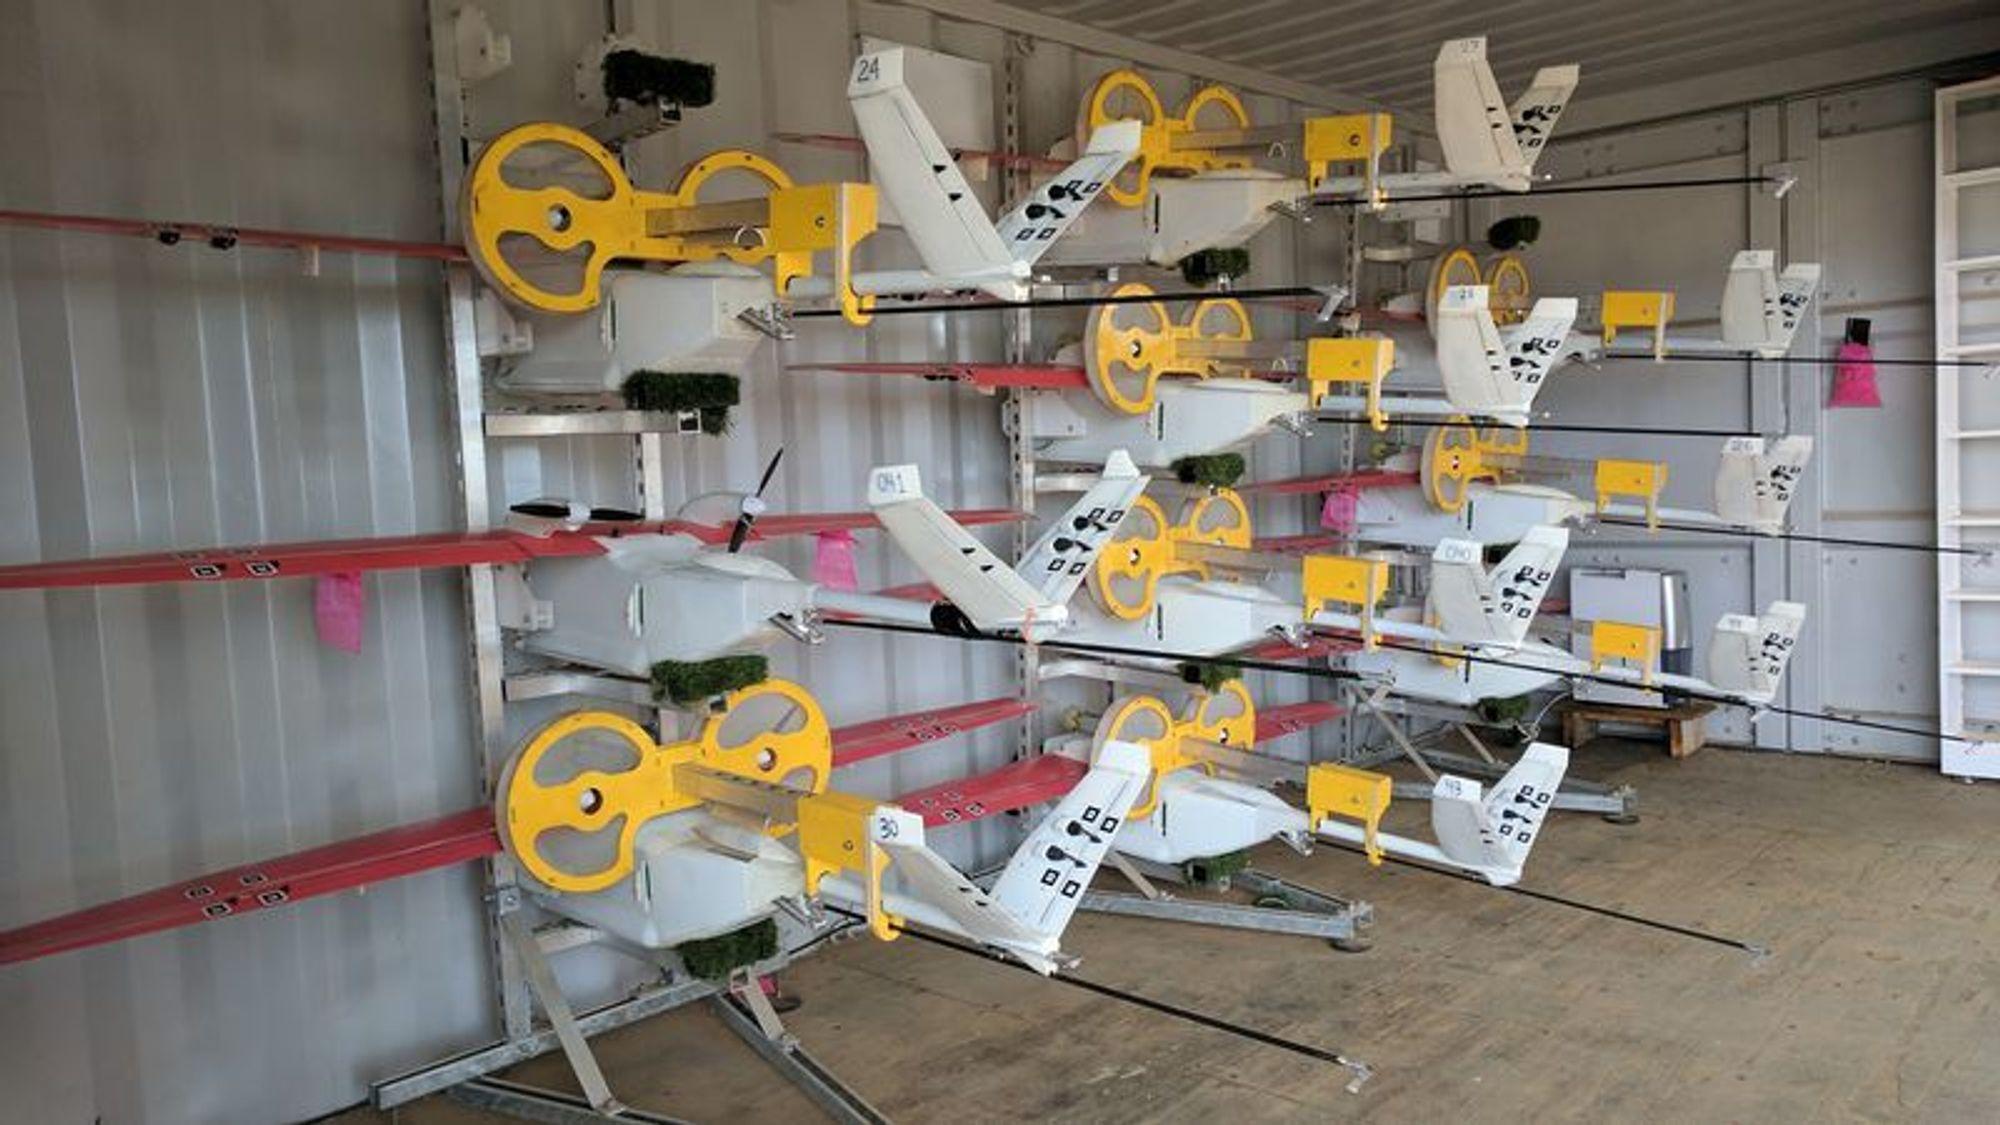 California-baserte Zipline har spesialisert seg på automatiserte logistikkløsninger, og lanserer nå en dronebasert leveringstjeneste for legemidler. (Foto: Zipline)